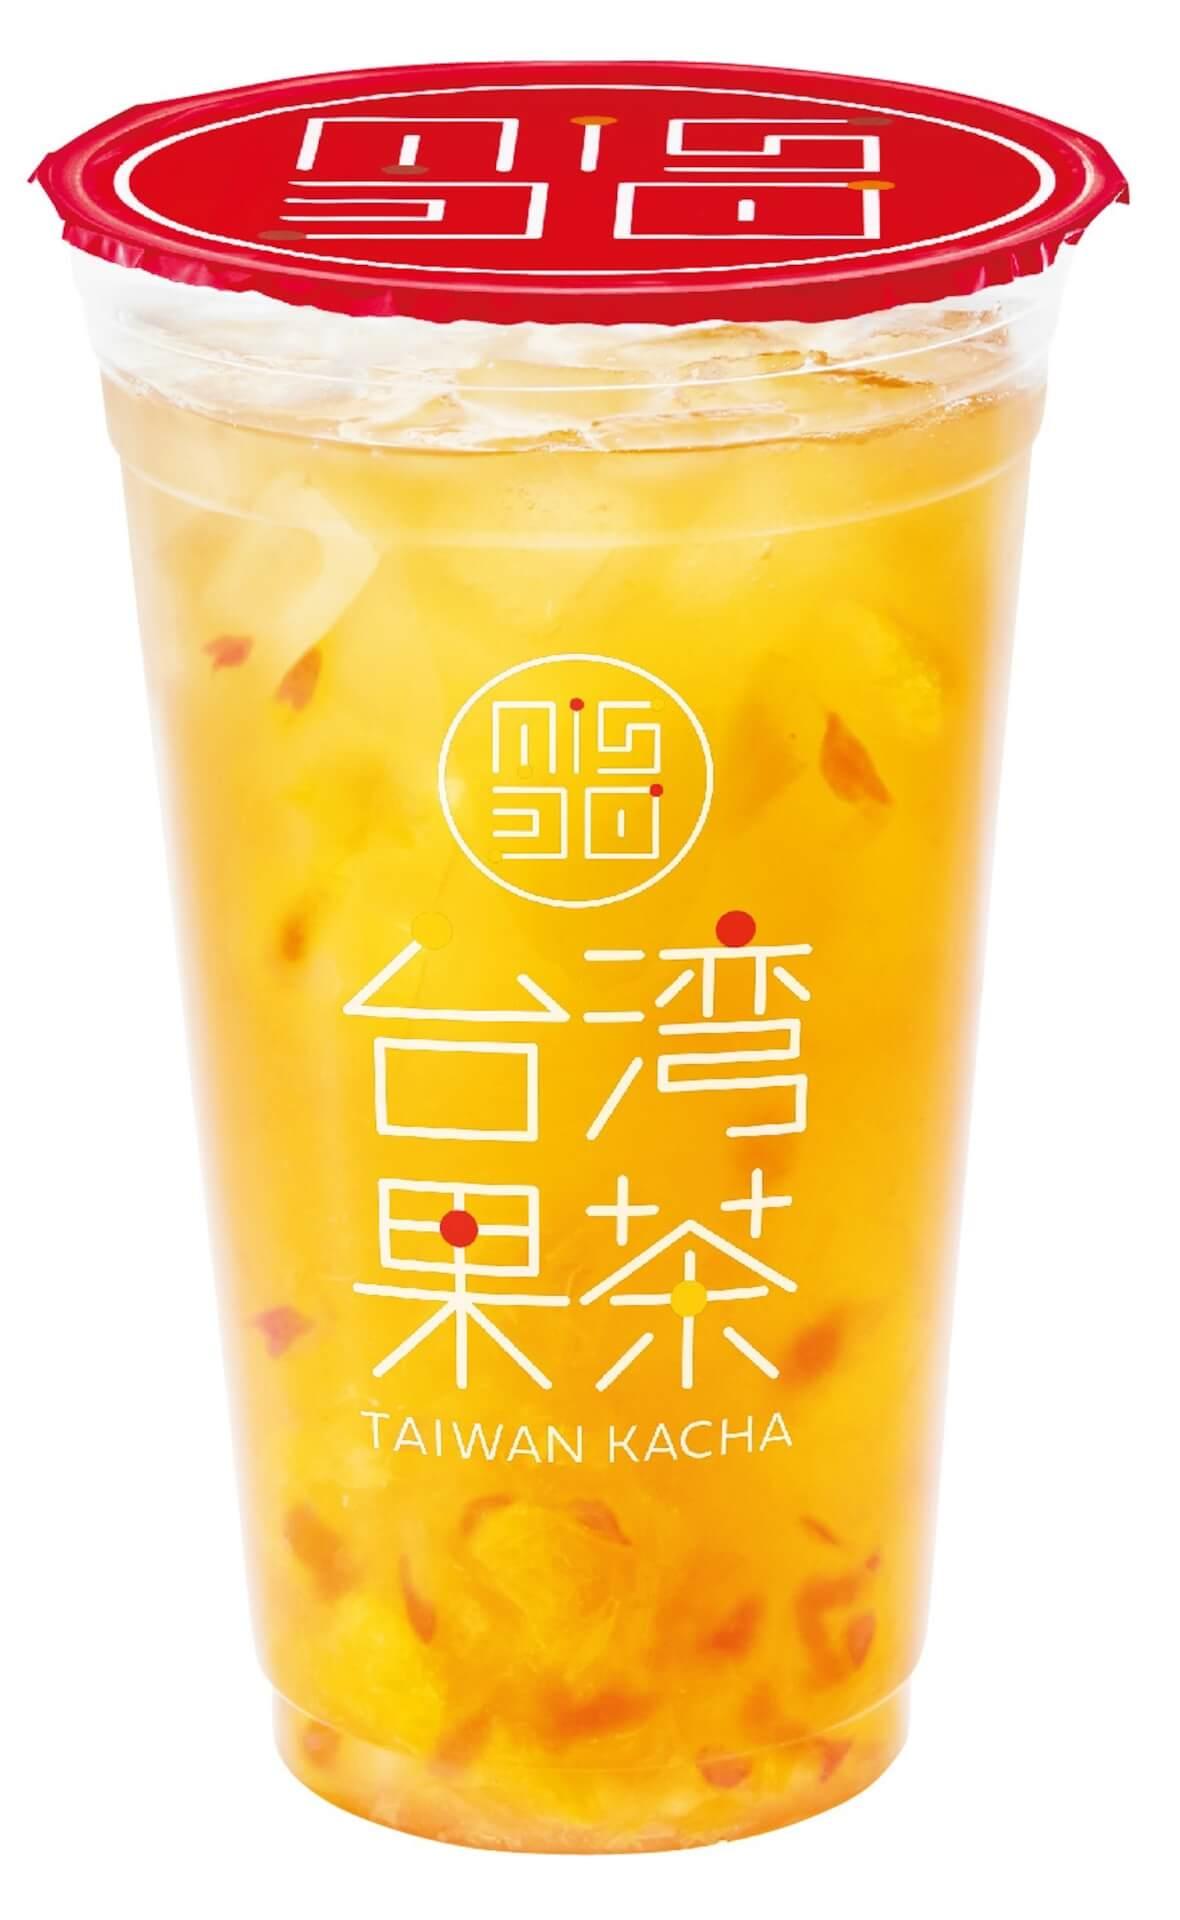 """ミスドから""""カチャカチャ""""振って飲むフルーツティ「台湾果茶」期間限定販売!ギフトチケット(ギフティ)1,000円分がもらえるキャンペーンも実施 gourmet210423_misterdonut-210423_2"""